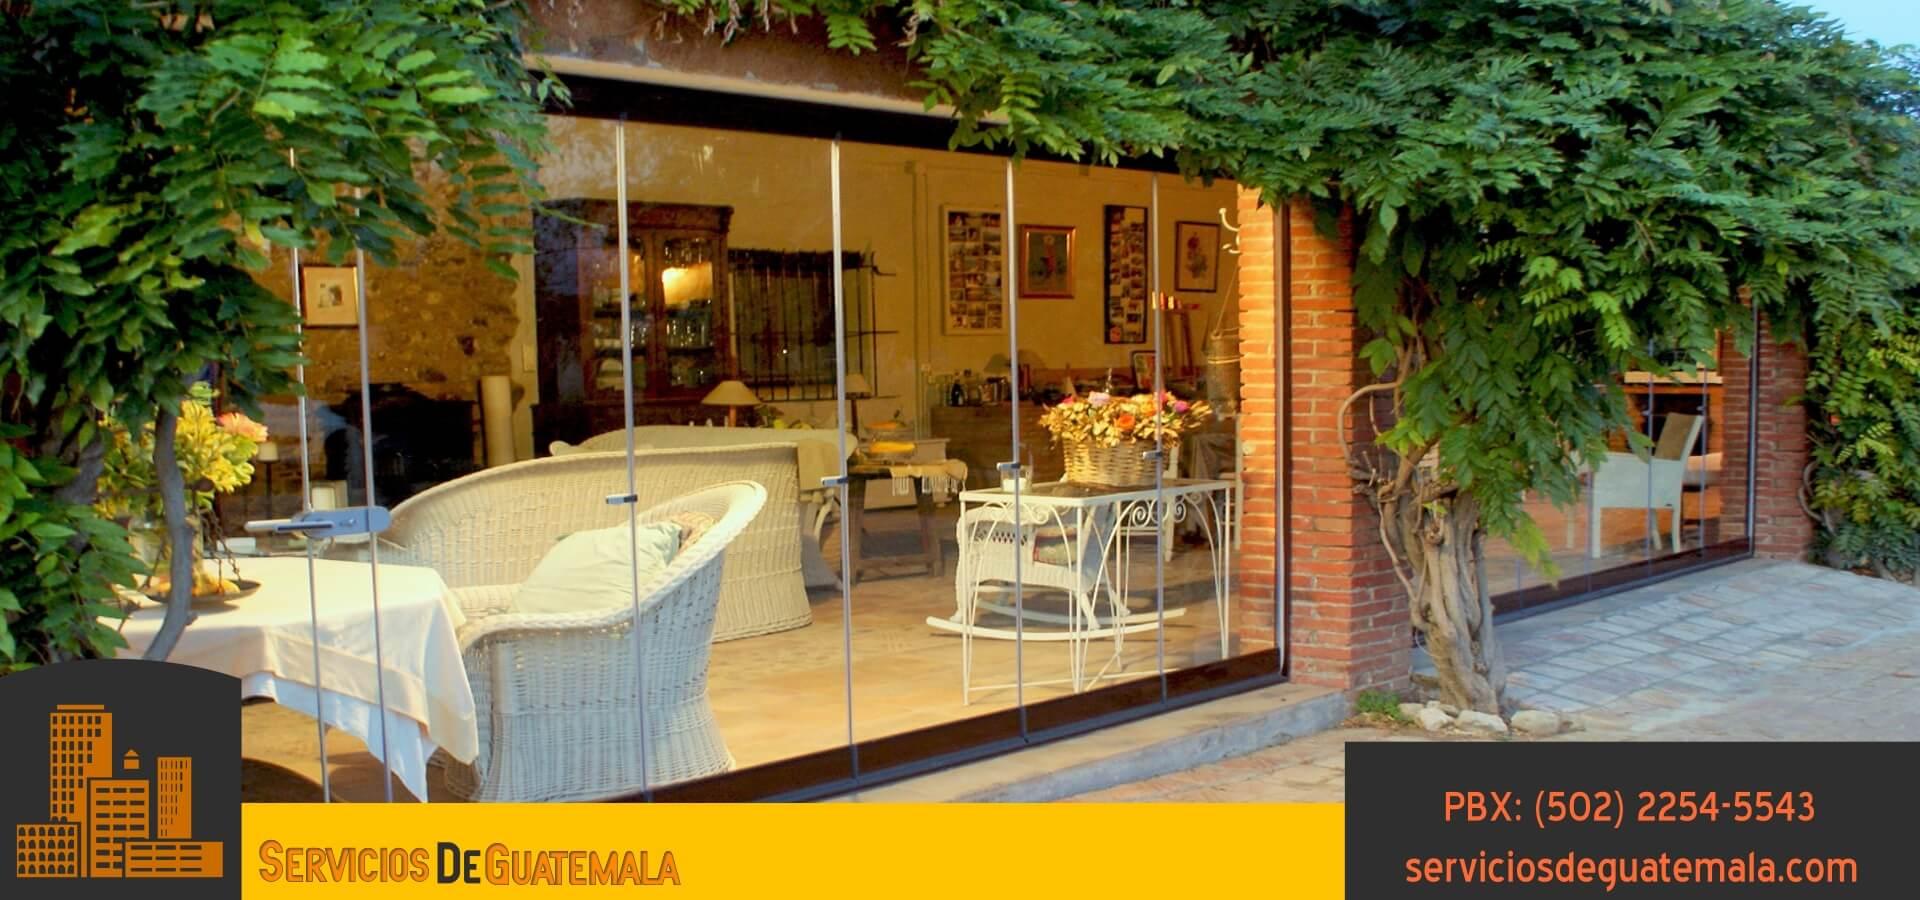 Vidrieria_en_Oficinas_residencias_casas_ventanas_puertas_espejos_mesas_vidrios_exhibidores_armarios_aluminios_en_guatemala_servicios_de_guatemala